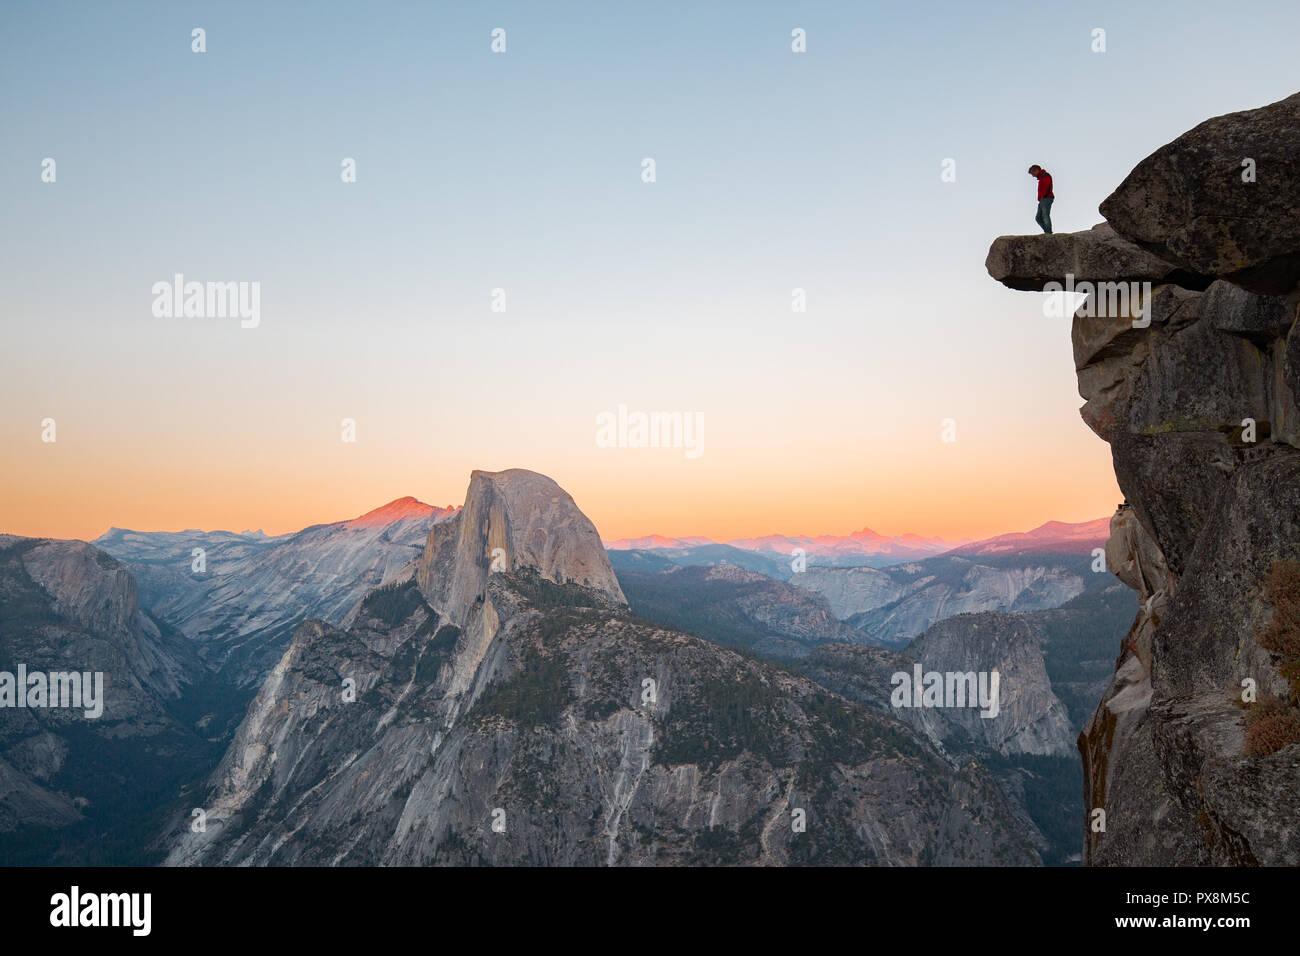 Eine furchtlose Wanderer steht auf einem überhängenden Felsen genießen den Blick auf die berühmten Half Dome am Glacier Point in schönen Abend dämmerung Blicken Stockbild